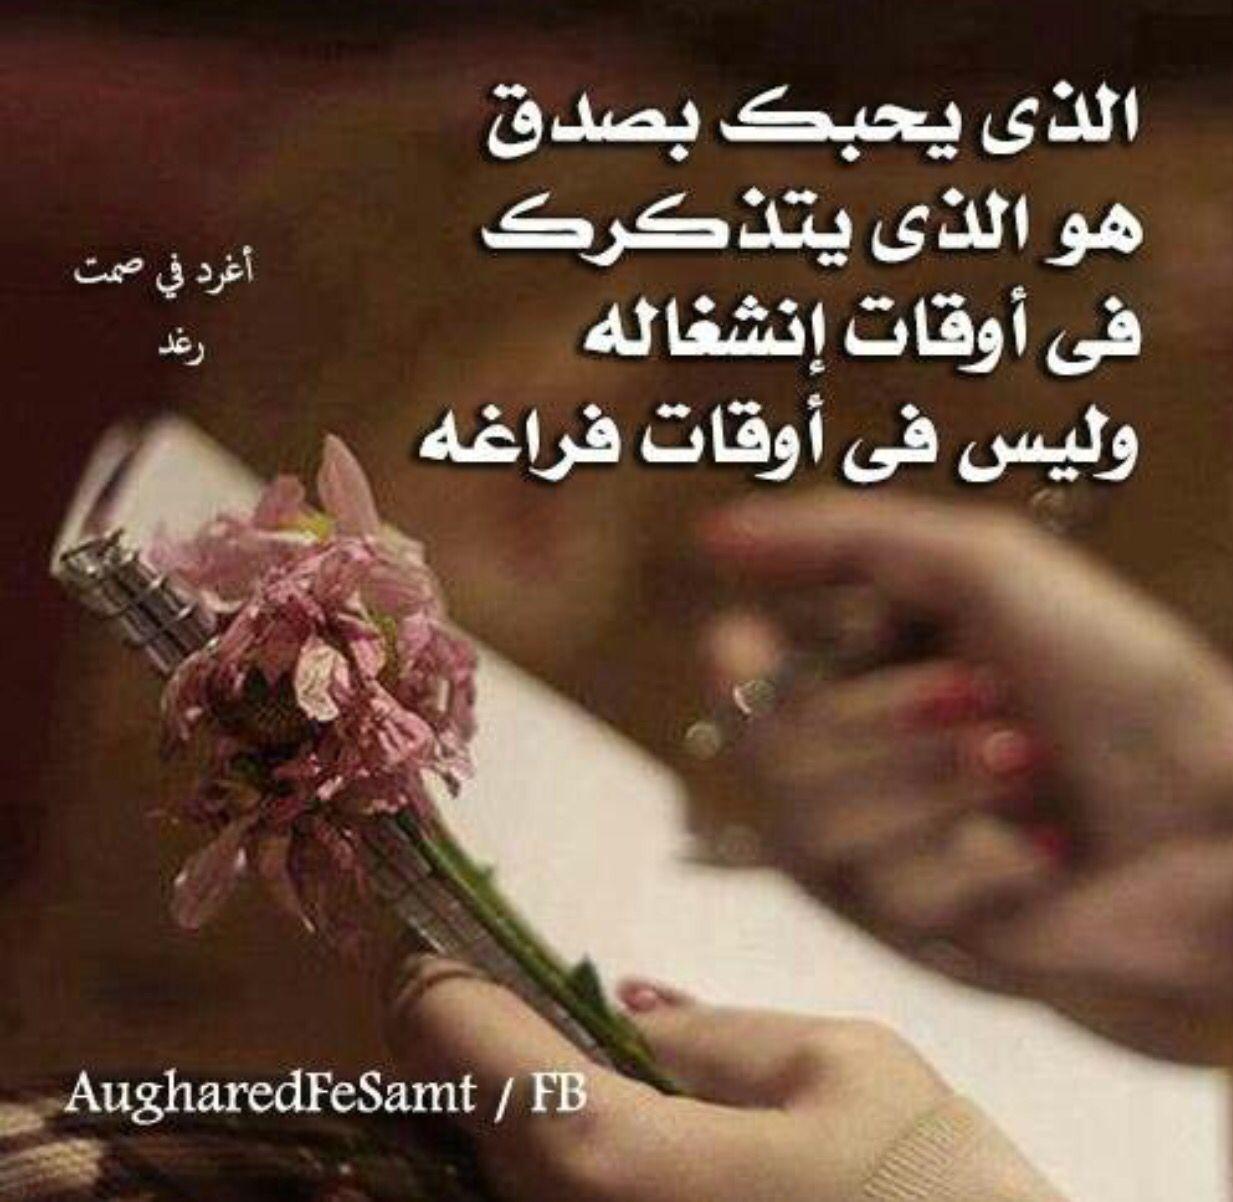 من يحبك بصدق يتذكرك في أوقات إنشغاله وليس في أوقات فراغه Favorite Quotes Words Quotes